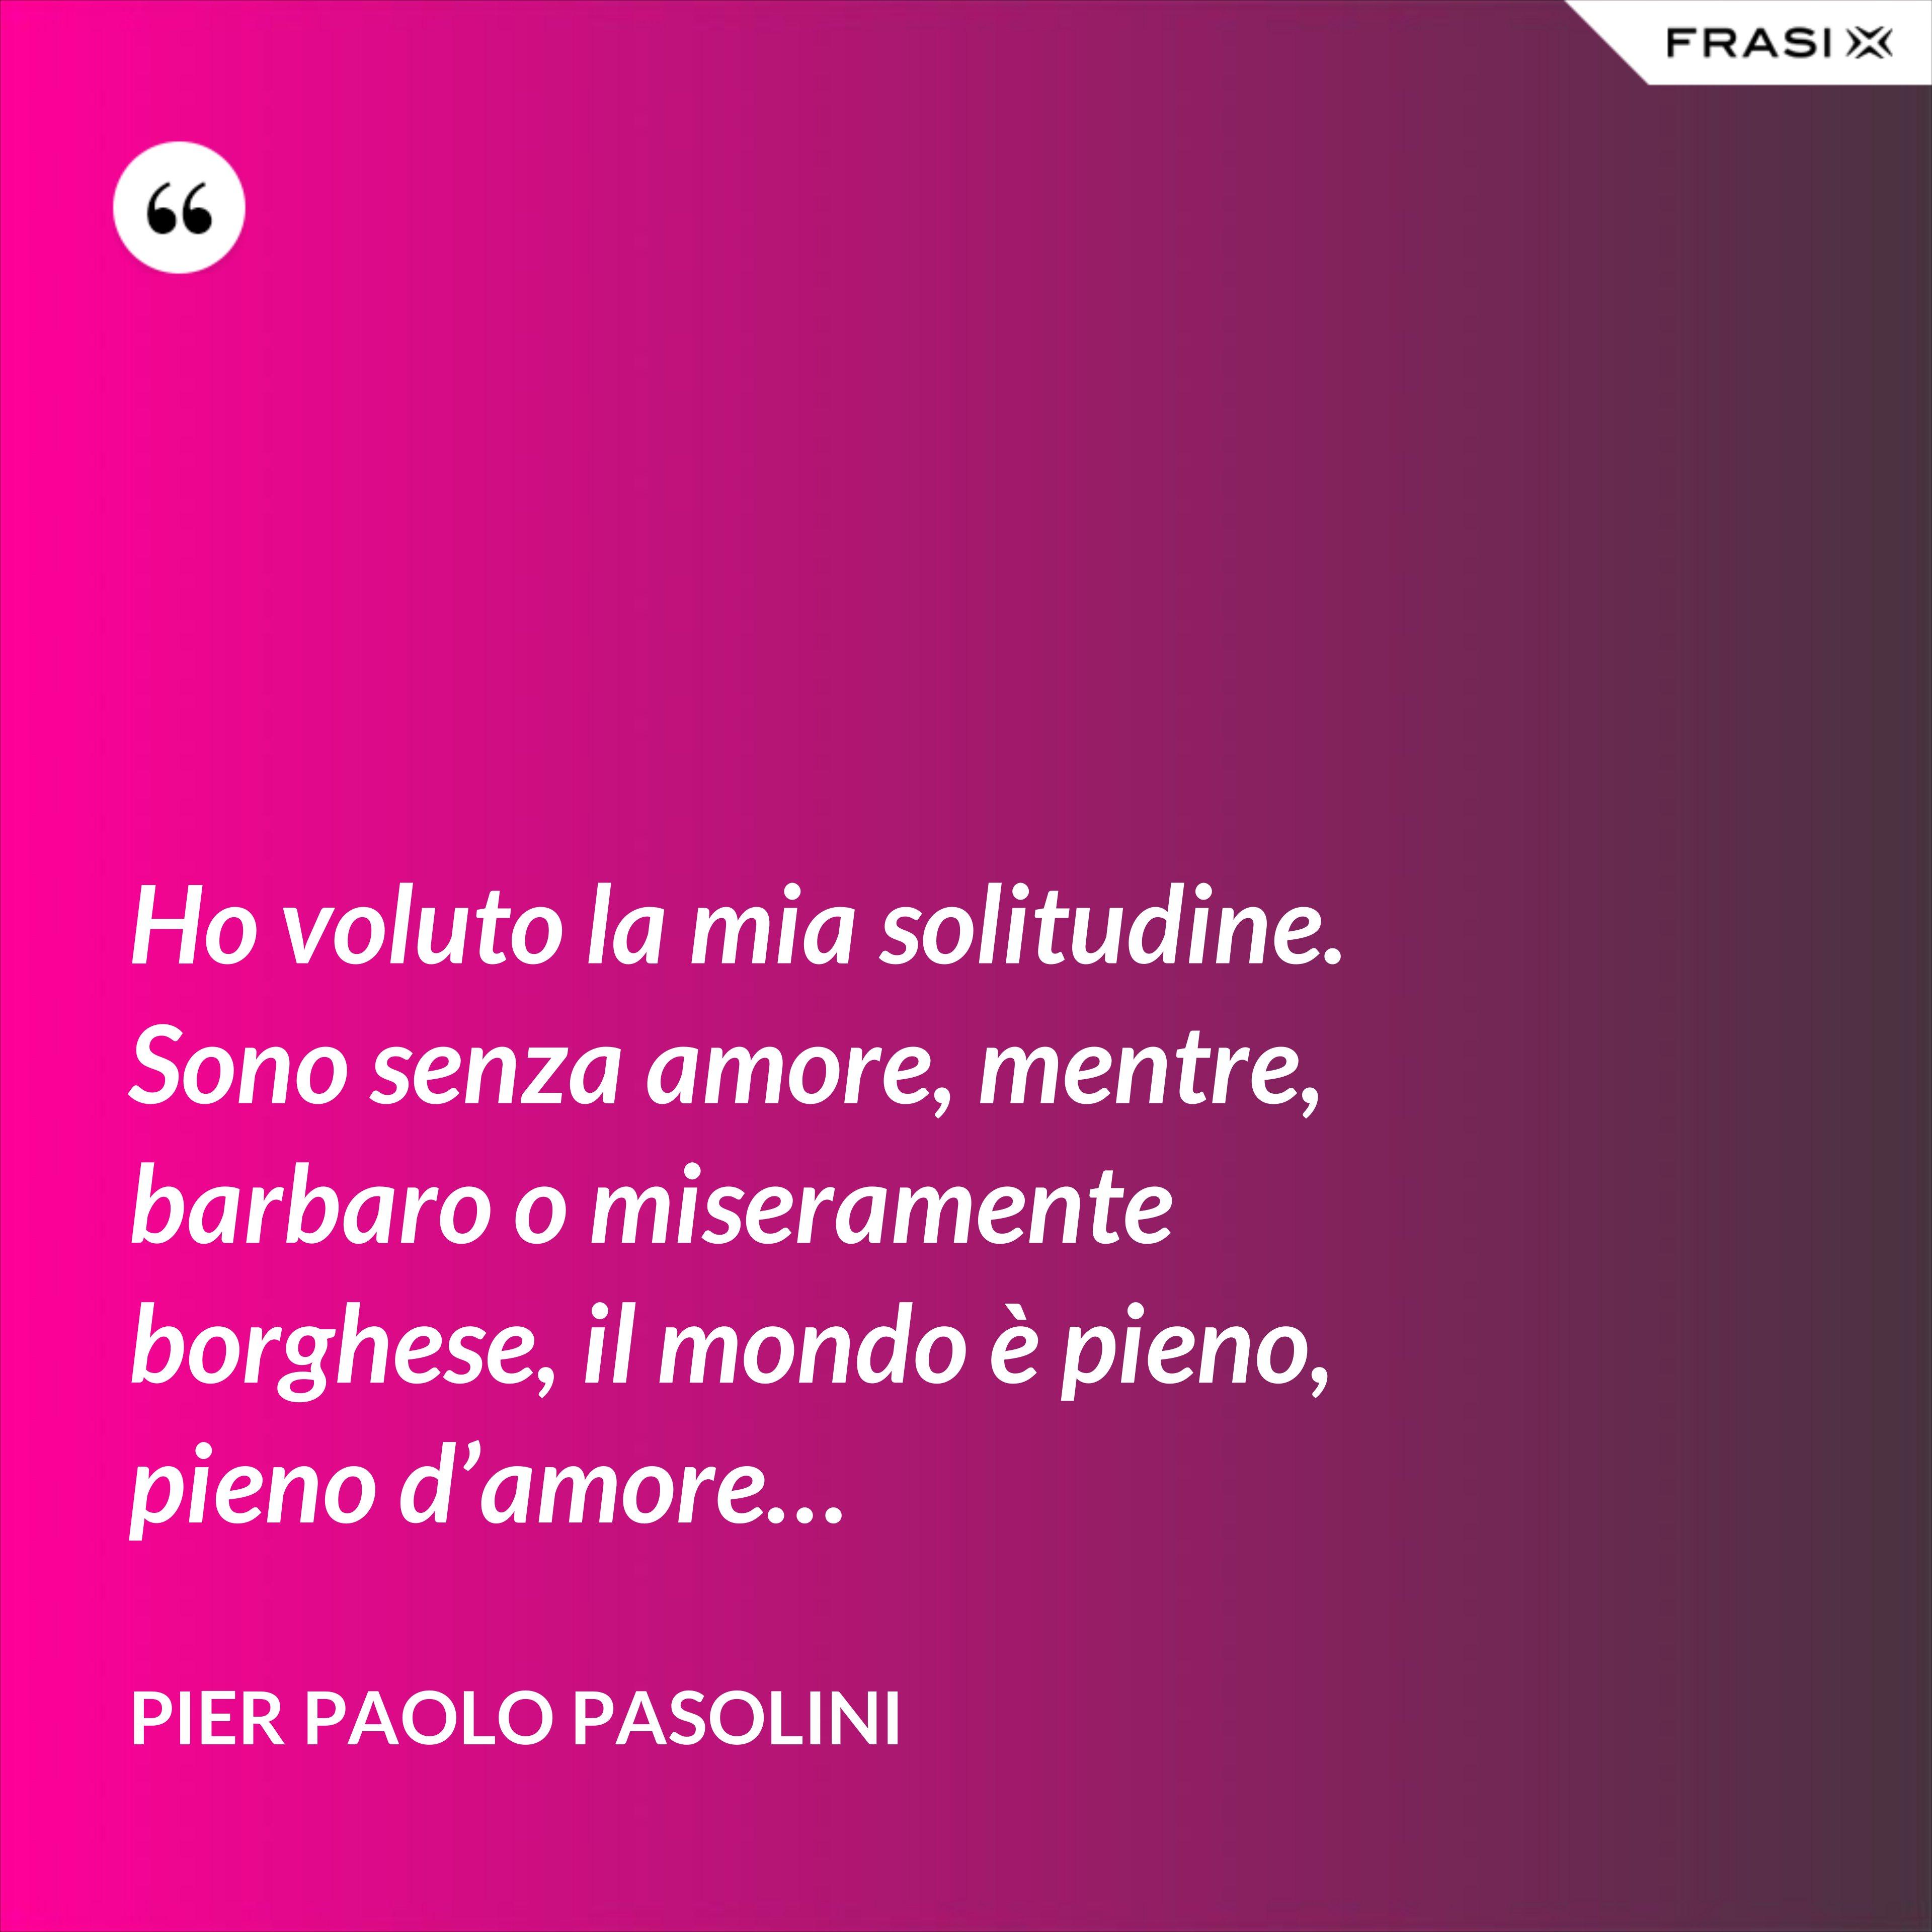 Ho voluto la mia solitudine. Sono senza amore, mentre, barbaro o miseramente borghese, il mondo è pieno, pieno d'amore… - Pier Paolo Pasolini